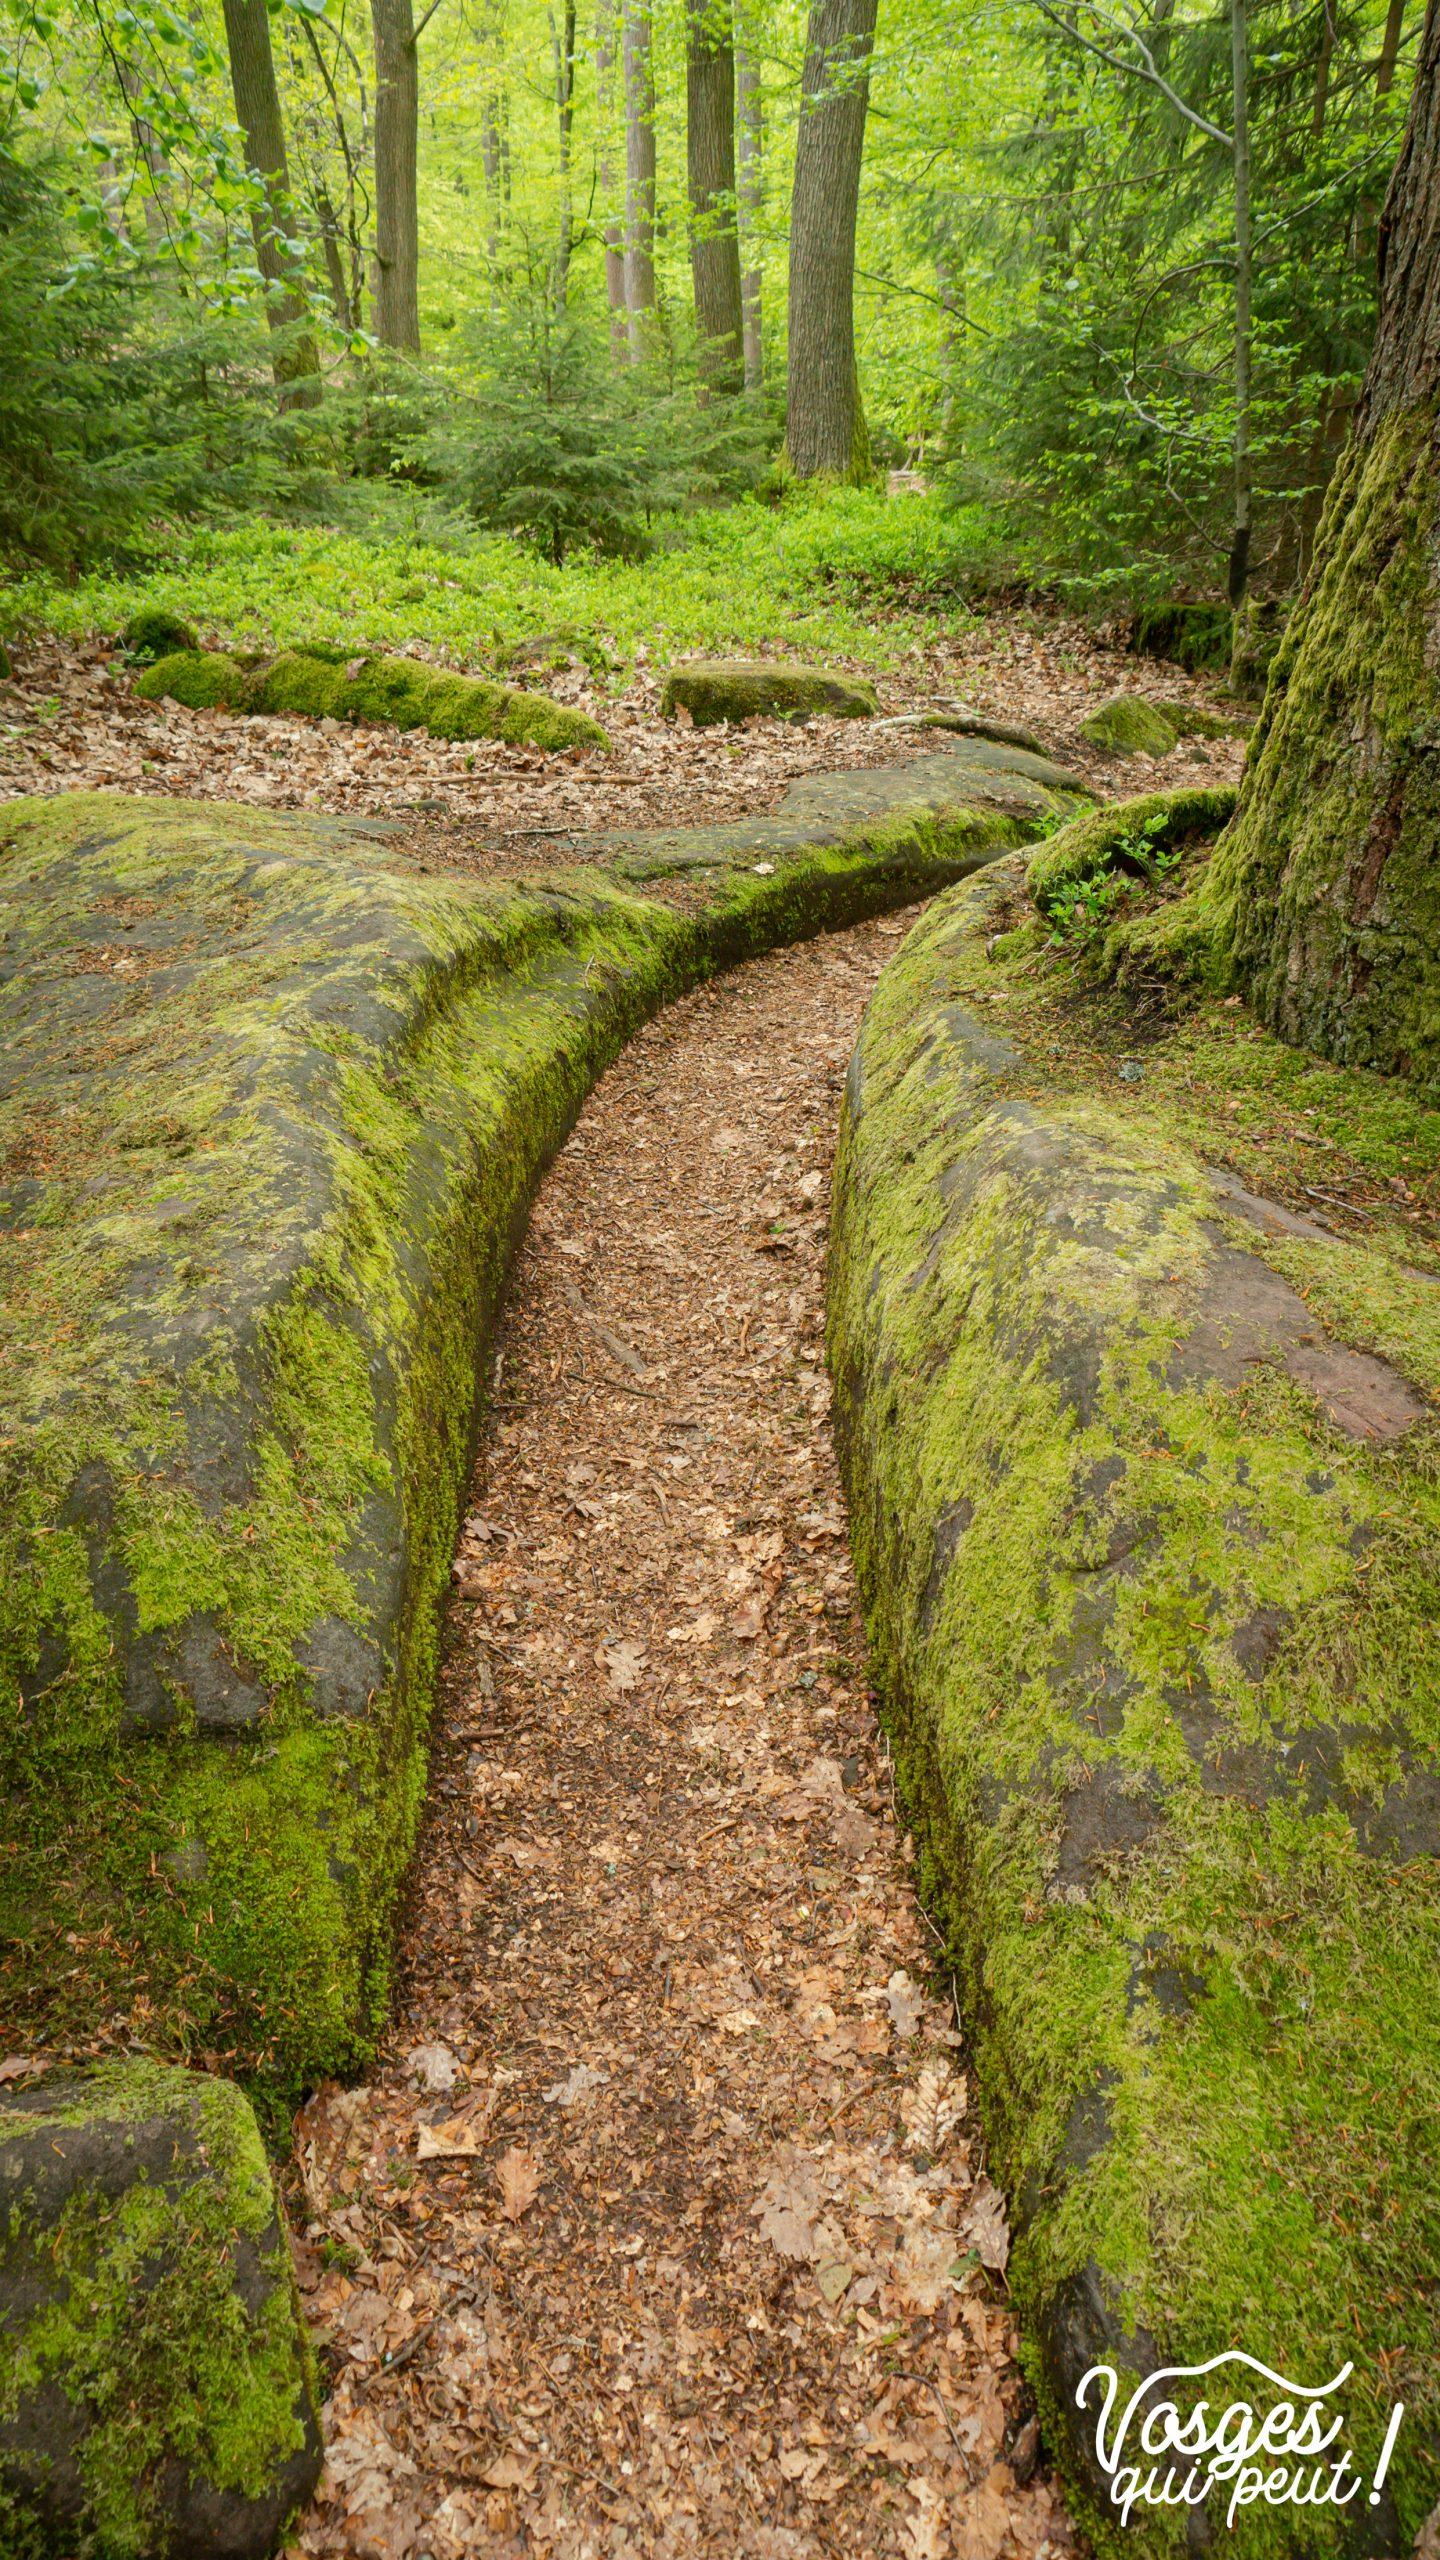 Canal d'irrigation creusée dans la pierre